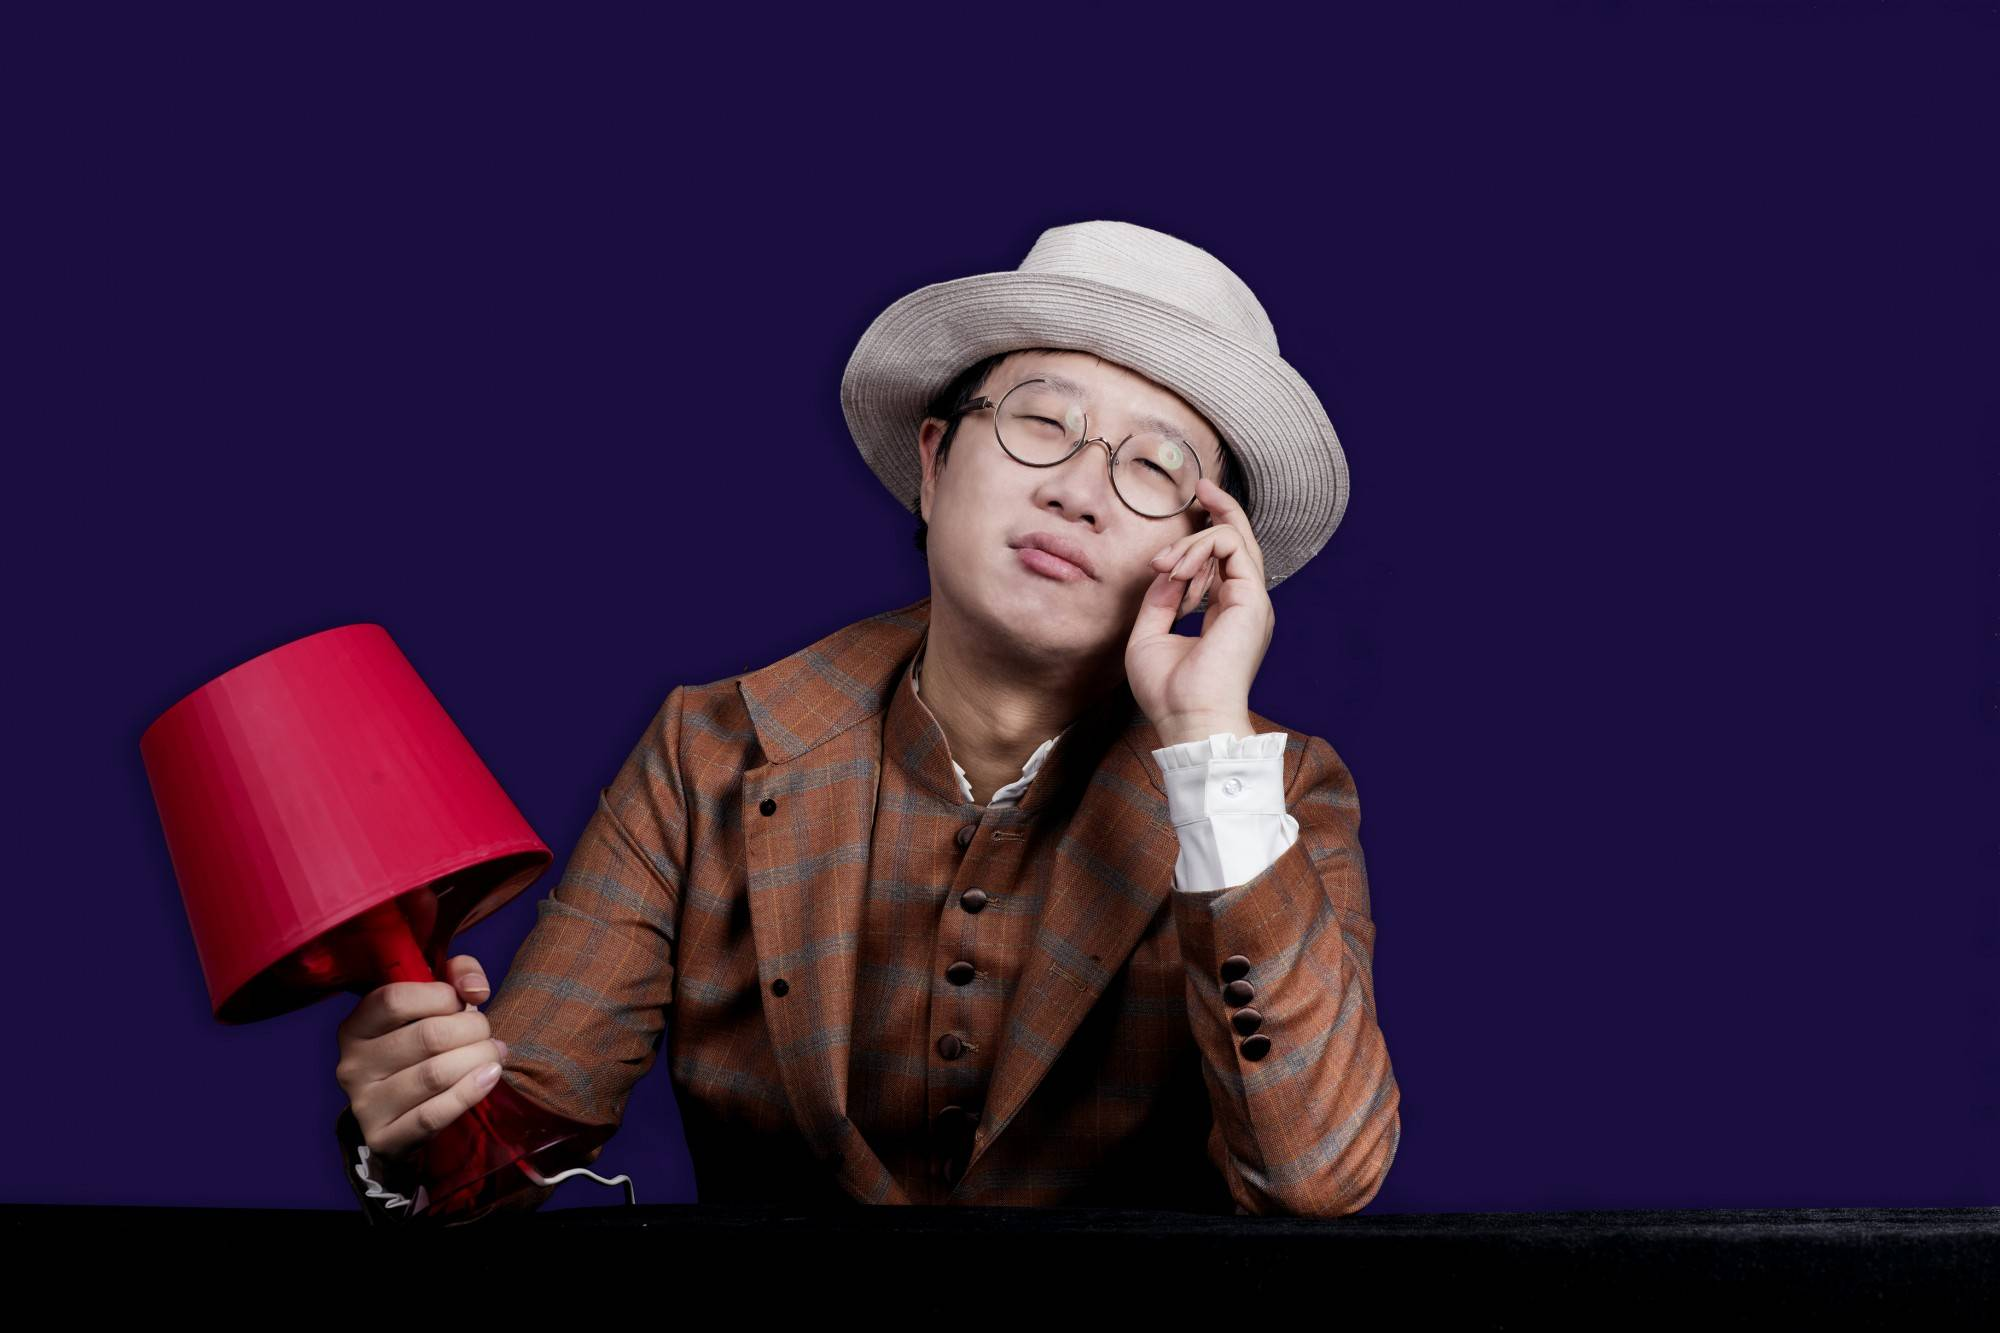 我是骆轶航,江湖人称托马斯骆或者骆少,是 PingWest 品玩的创始人,在科技圈里算是半个「网红」,是个资深的科技媒体从业人士。